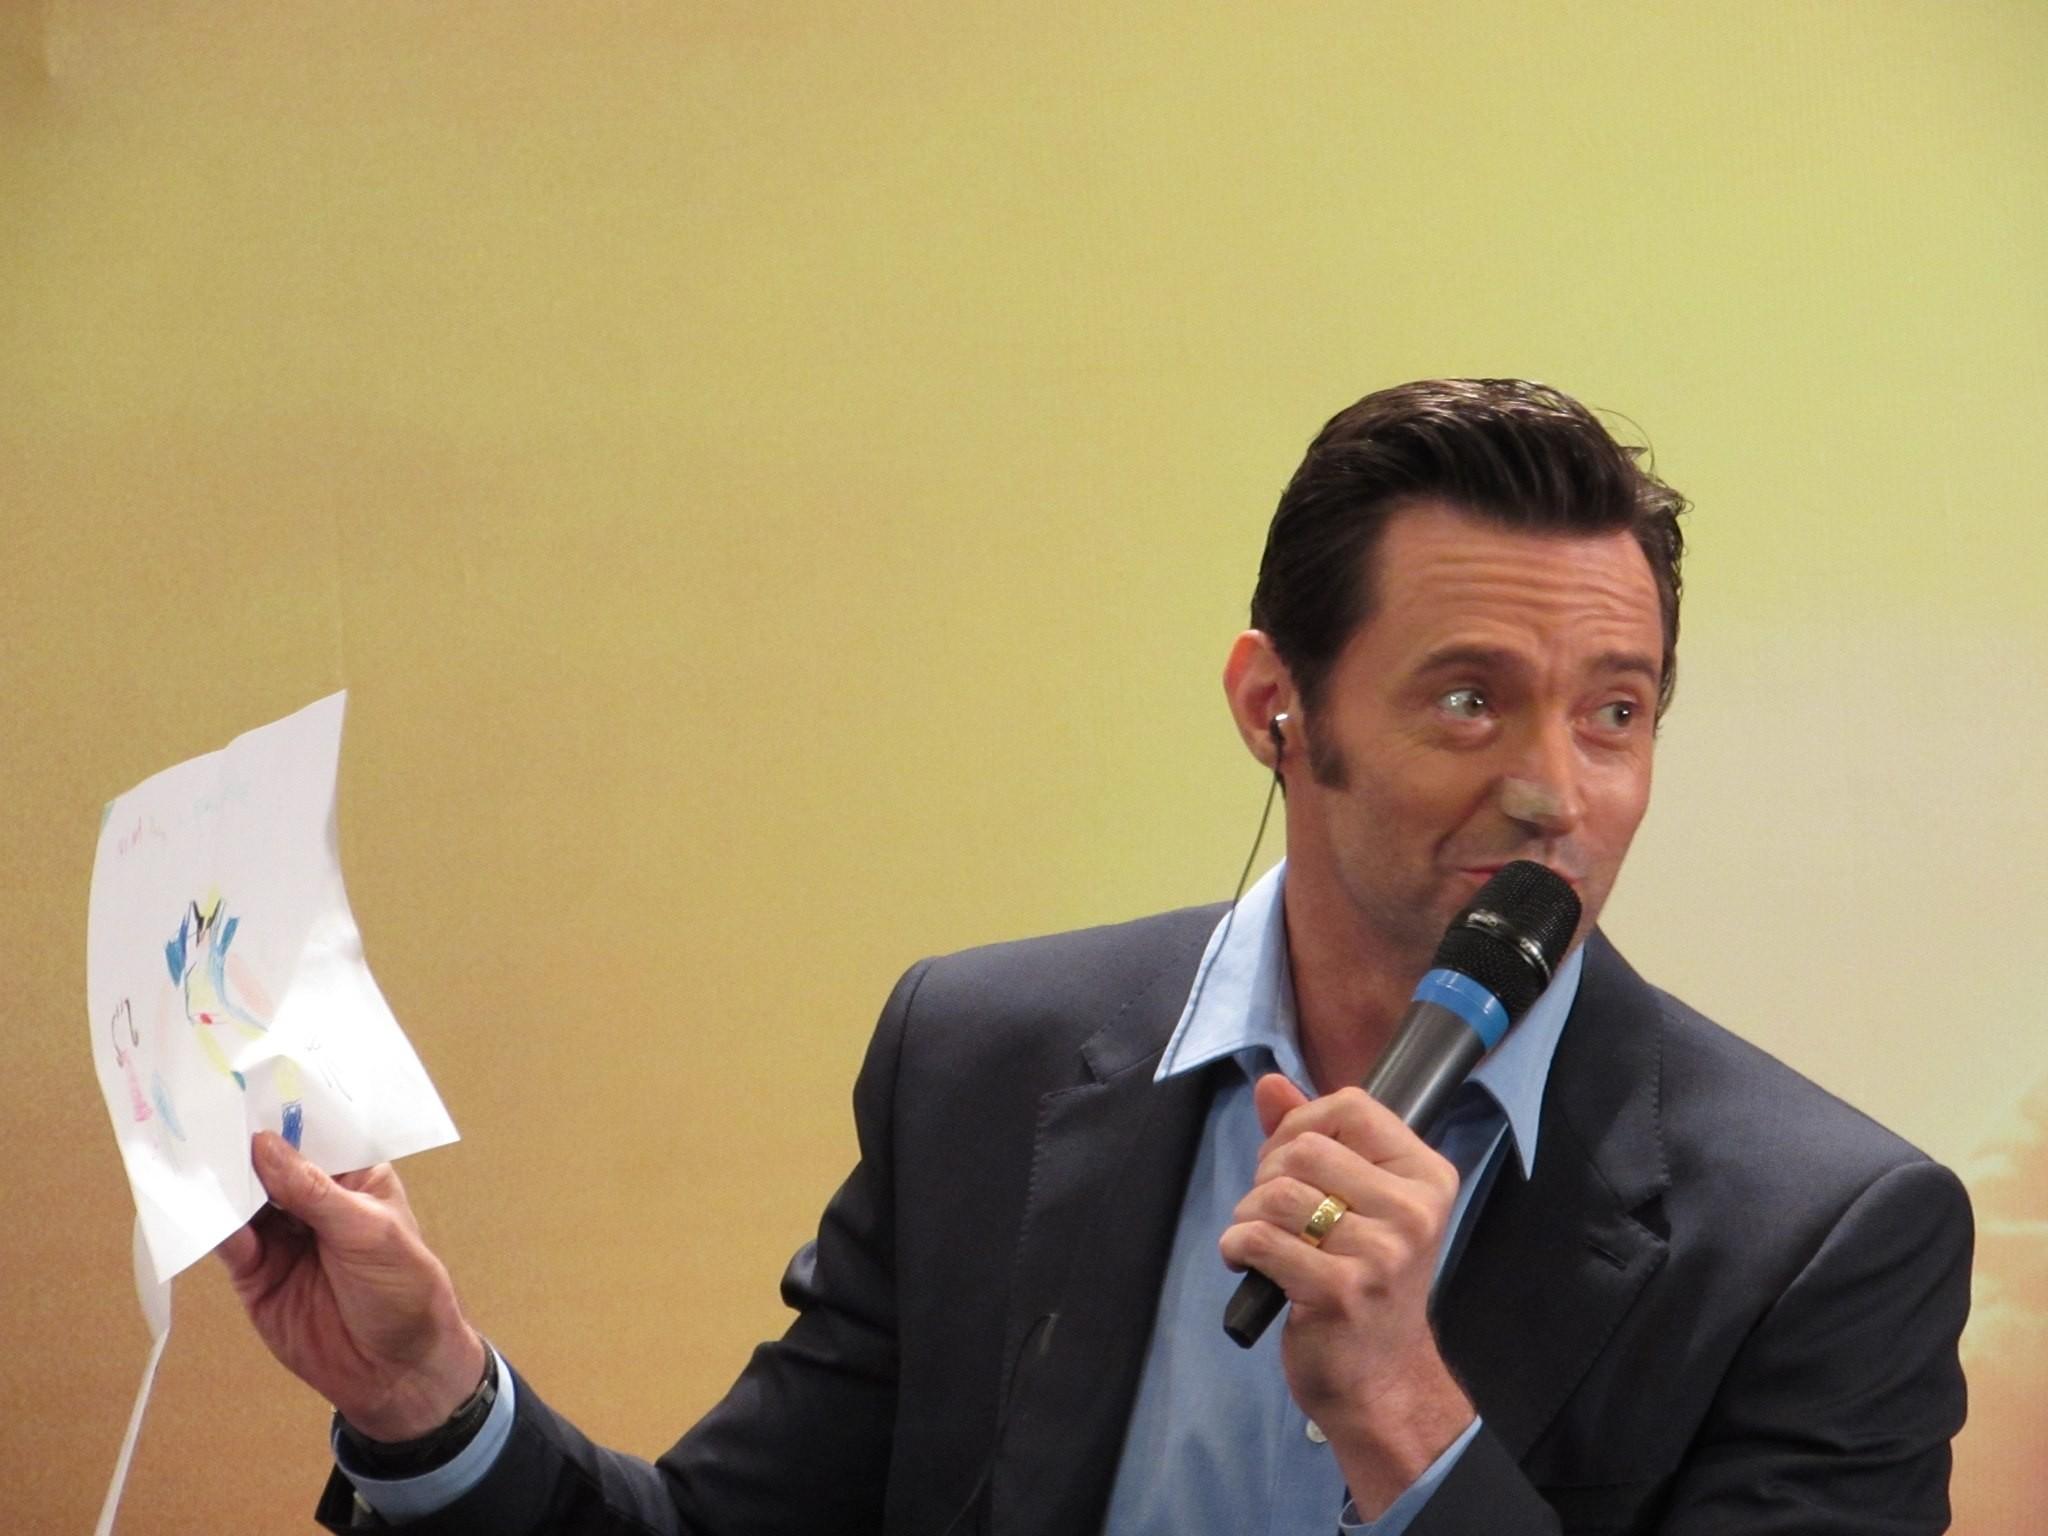 Jackman mostra um desenho de Wolverine que ele recebou como presente (Foto: Jonas Souza)